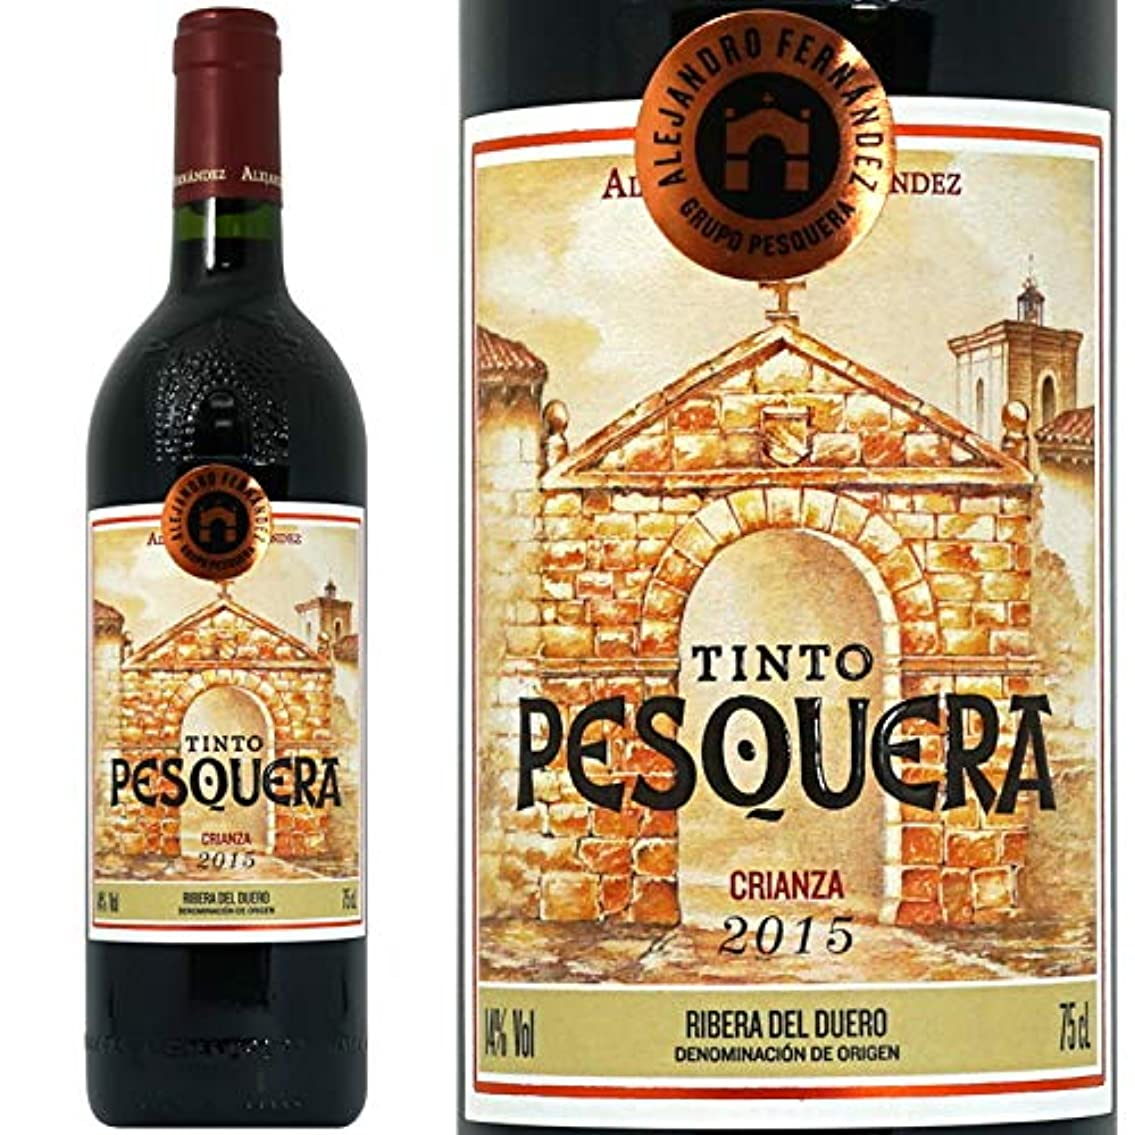 推進力印をつける防止2015 ティント ペスケラ クリアンサ 正規品 赤ワイン フルボディ 750ml アレハンドロ?フェルナンデス